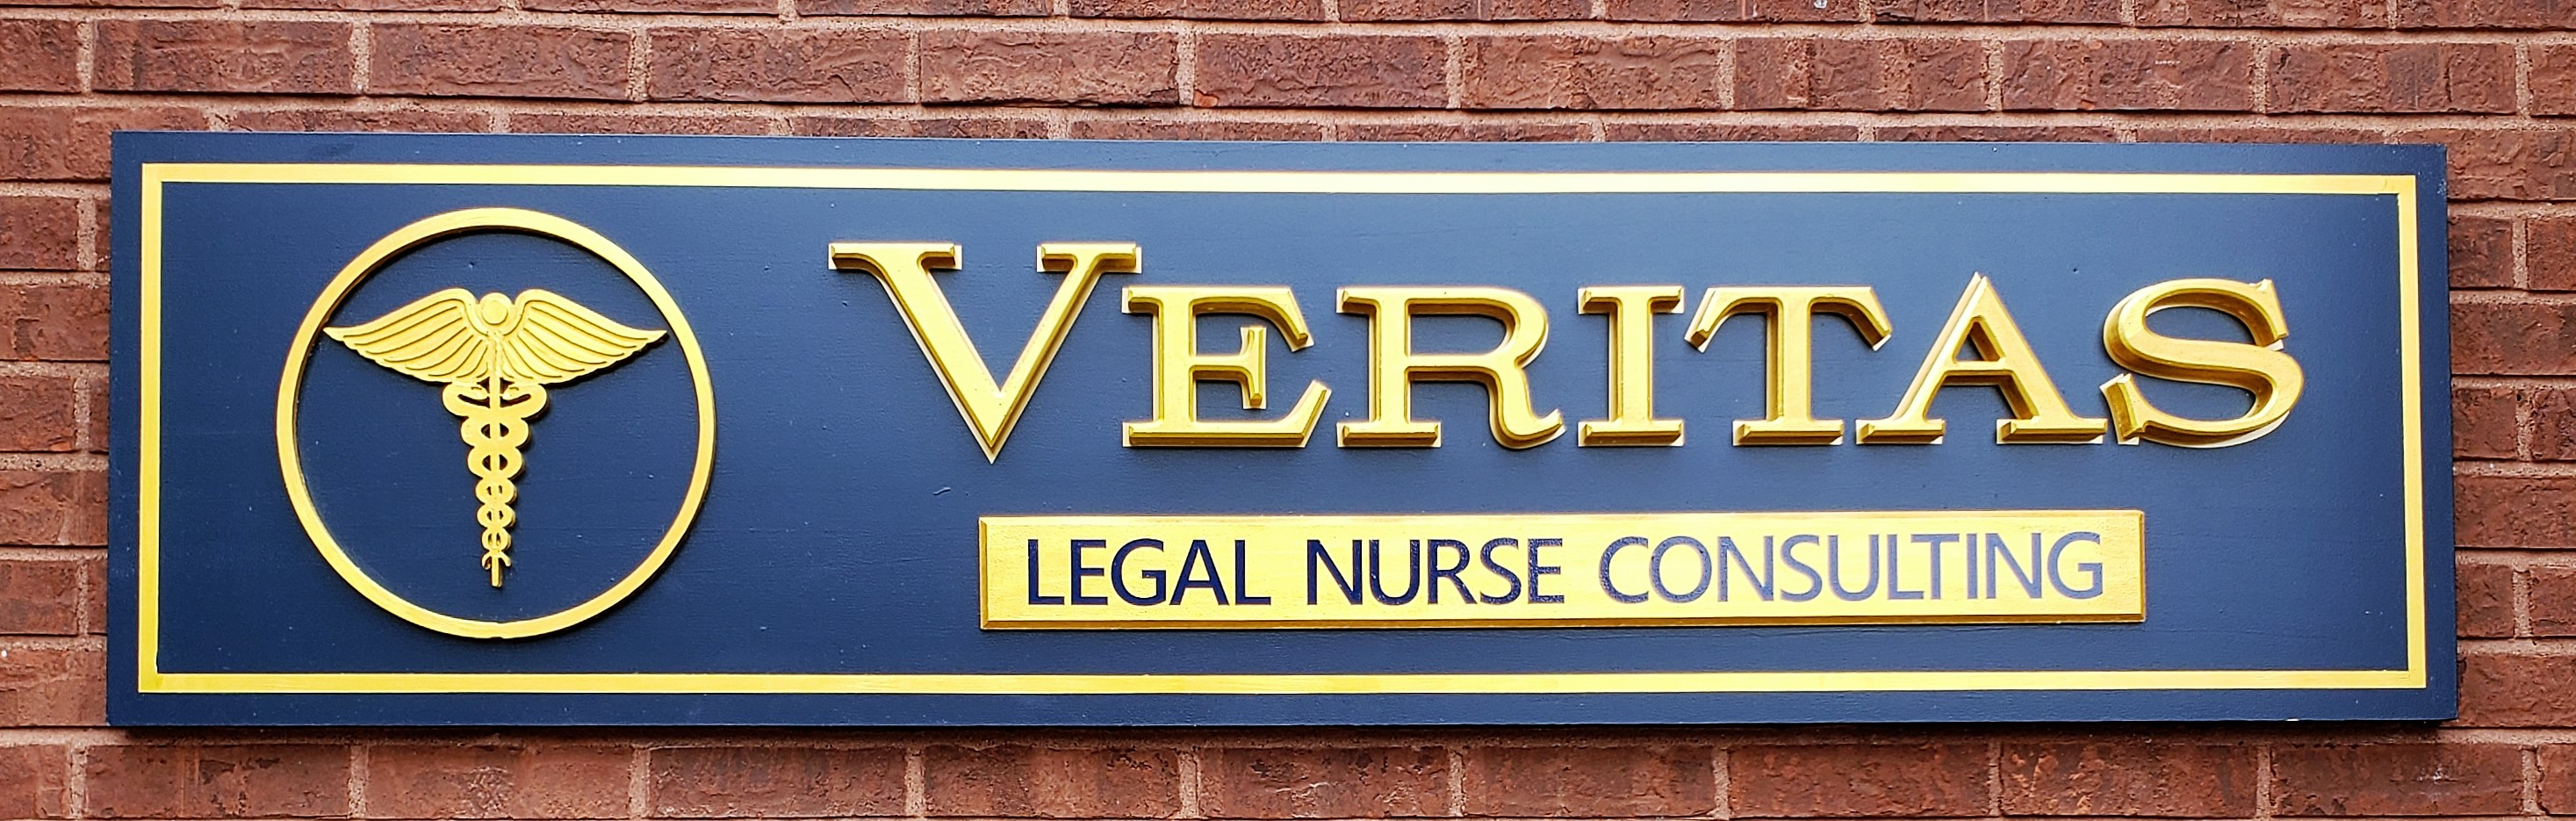 Veritas Legal Nurse Consulting